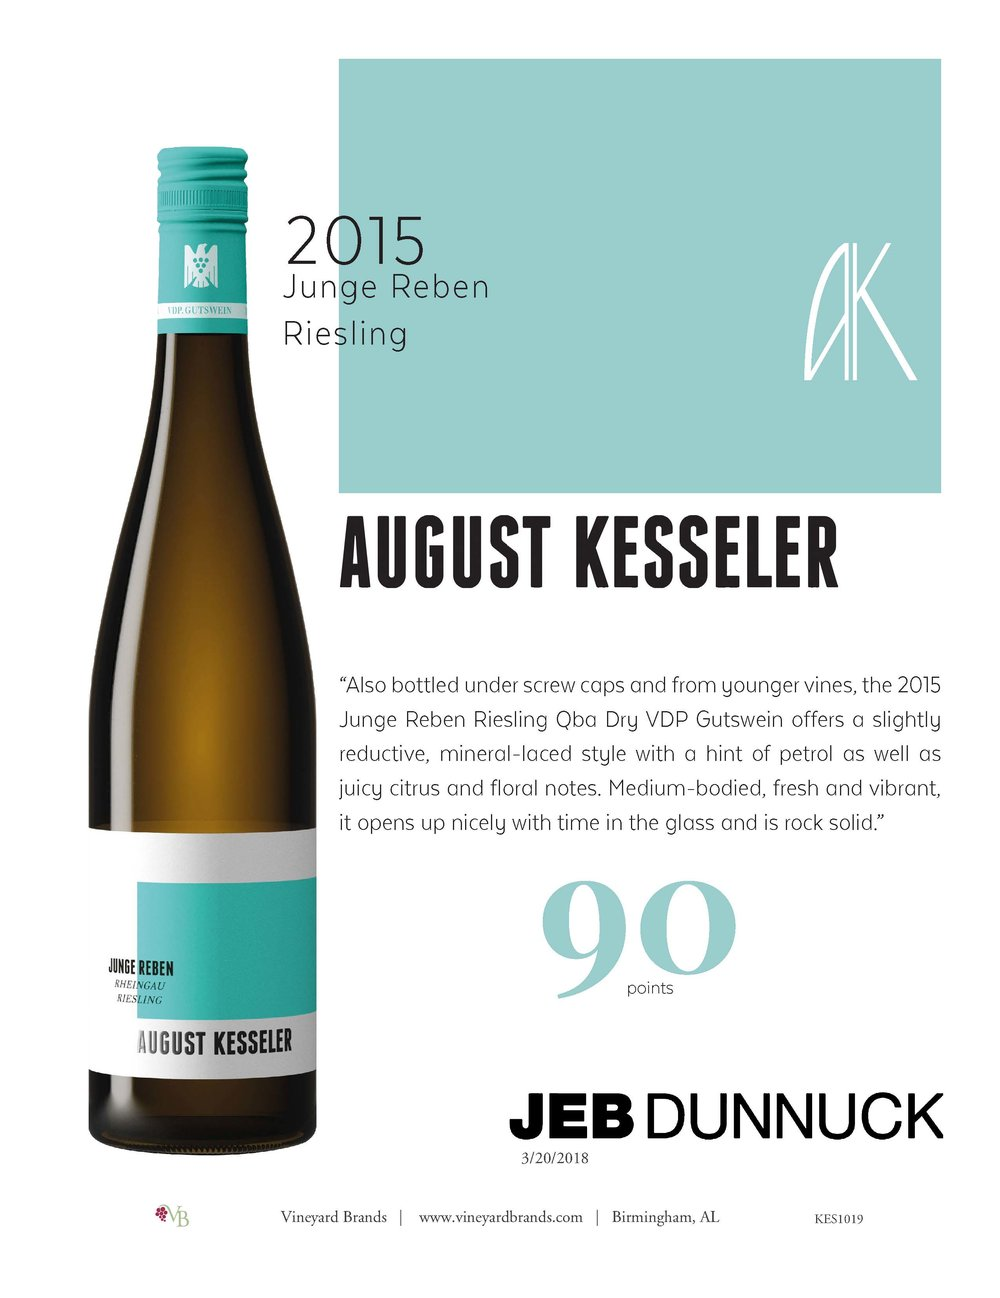 August Kesseler 2015 Junge Reben Riesling.jpg